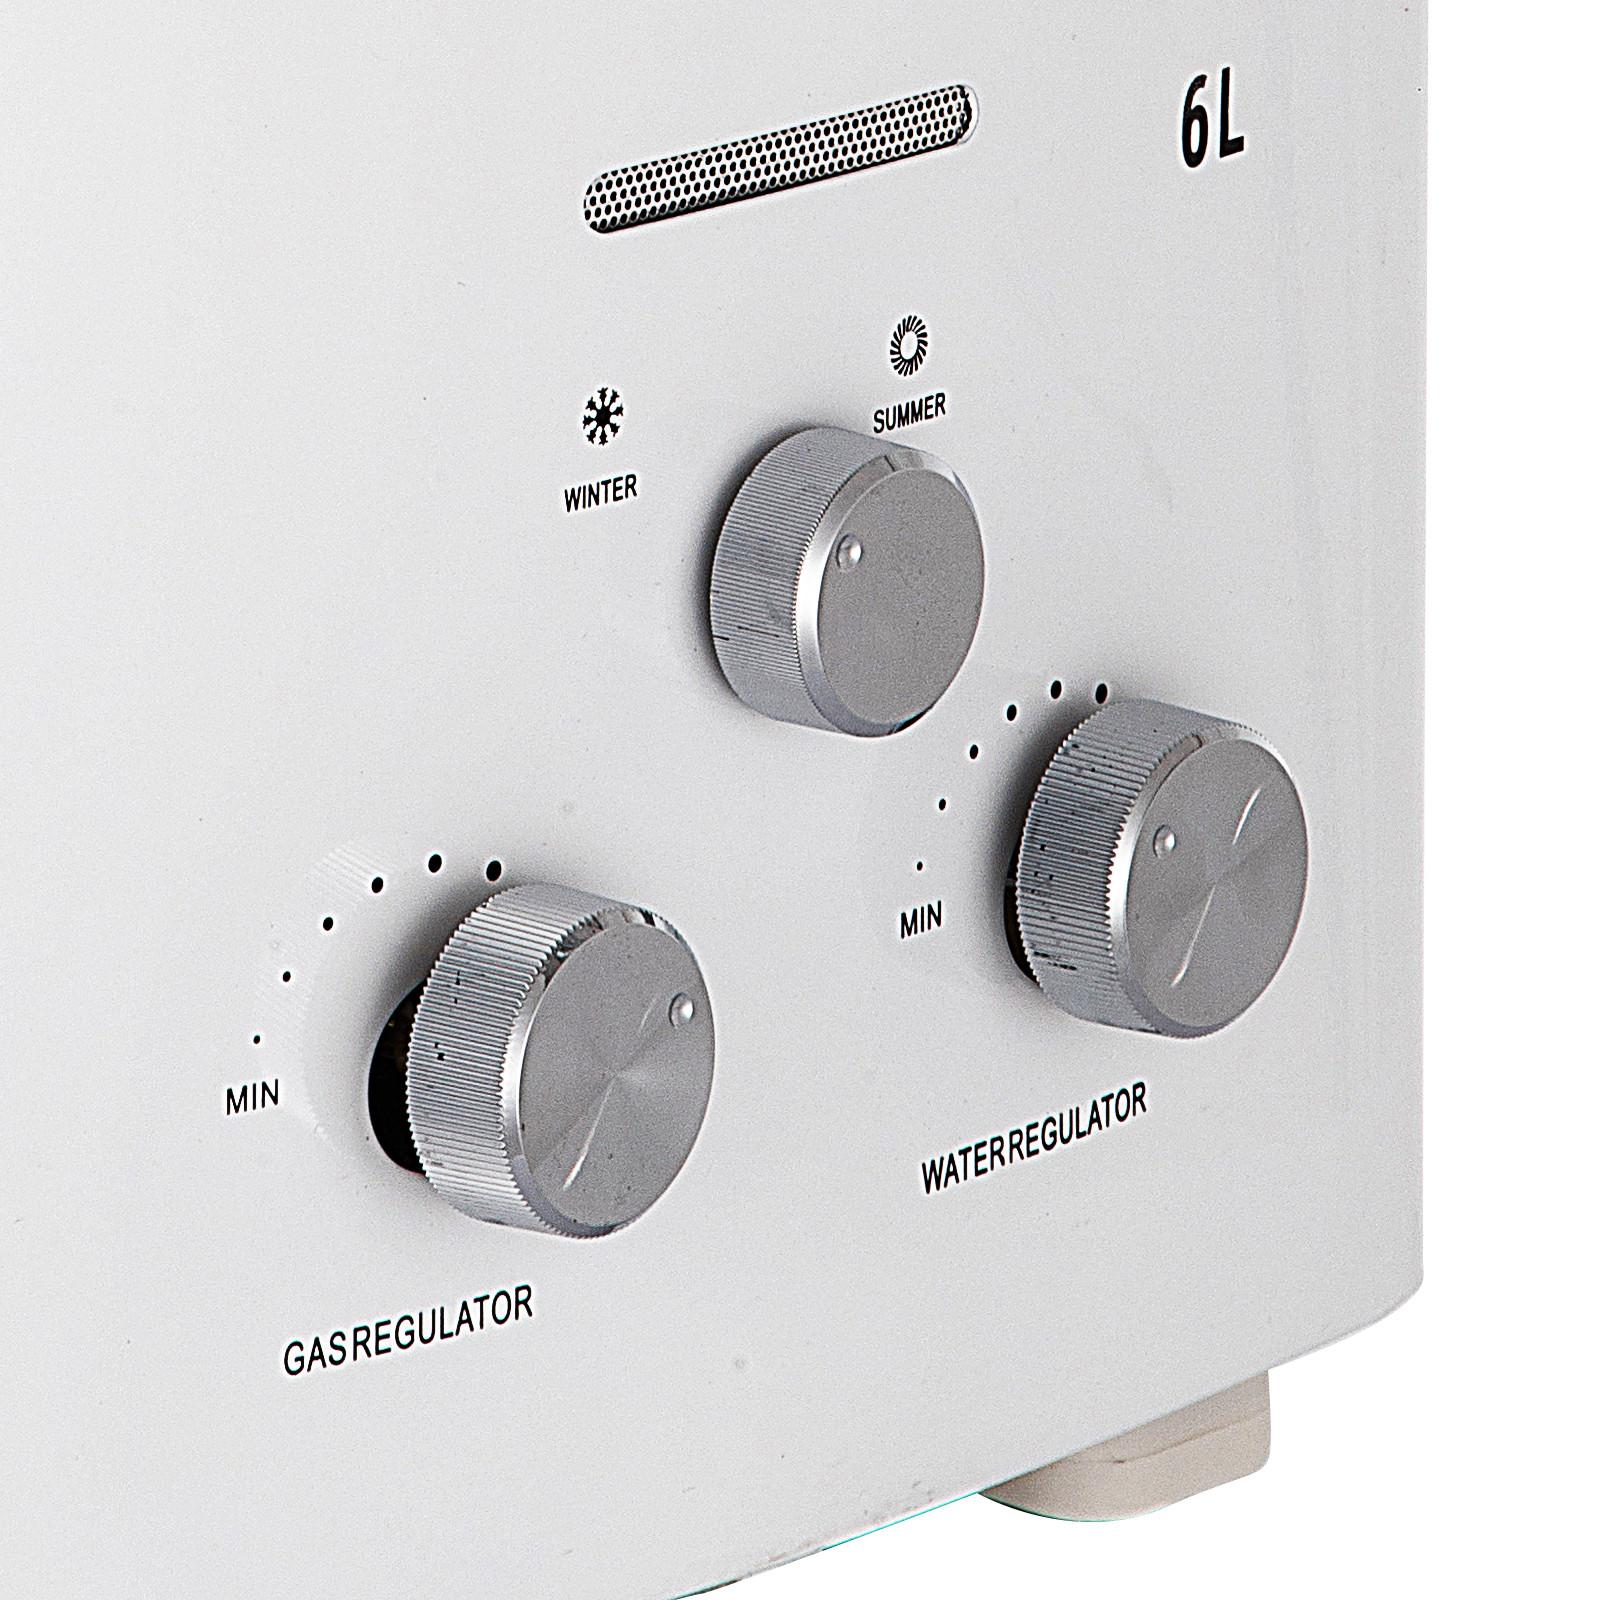 Propangas-Gas-Durchlauferhitzer-Warmwasserbereiter-Boiler-Warmwasserspeicher Indexbild 19